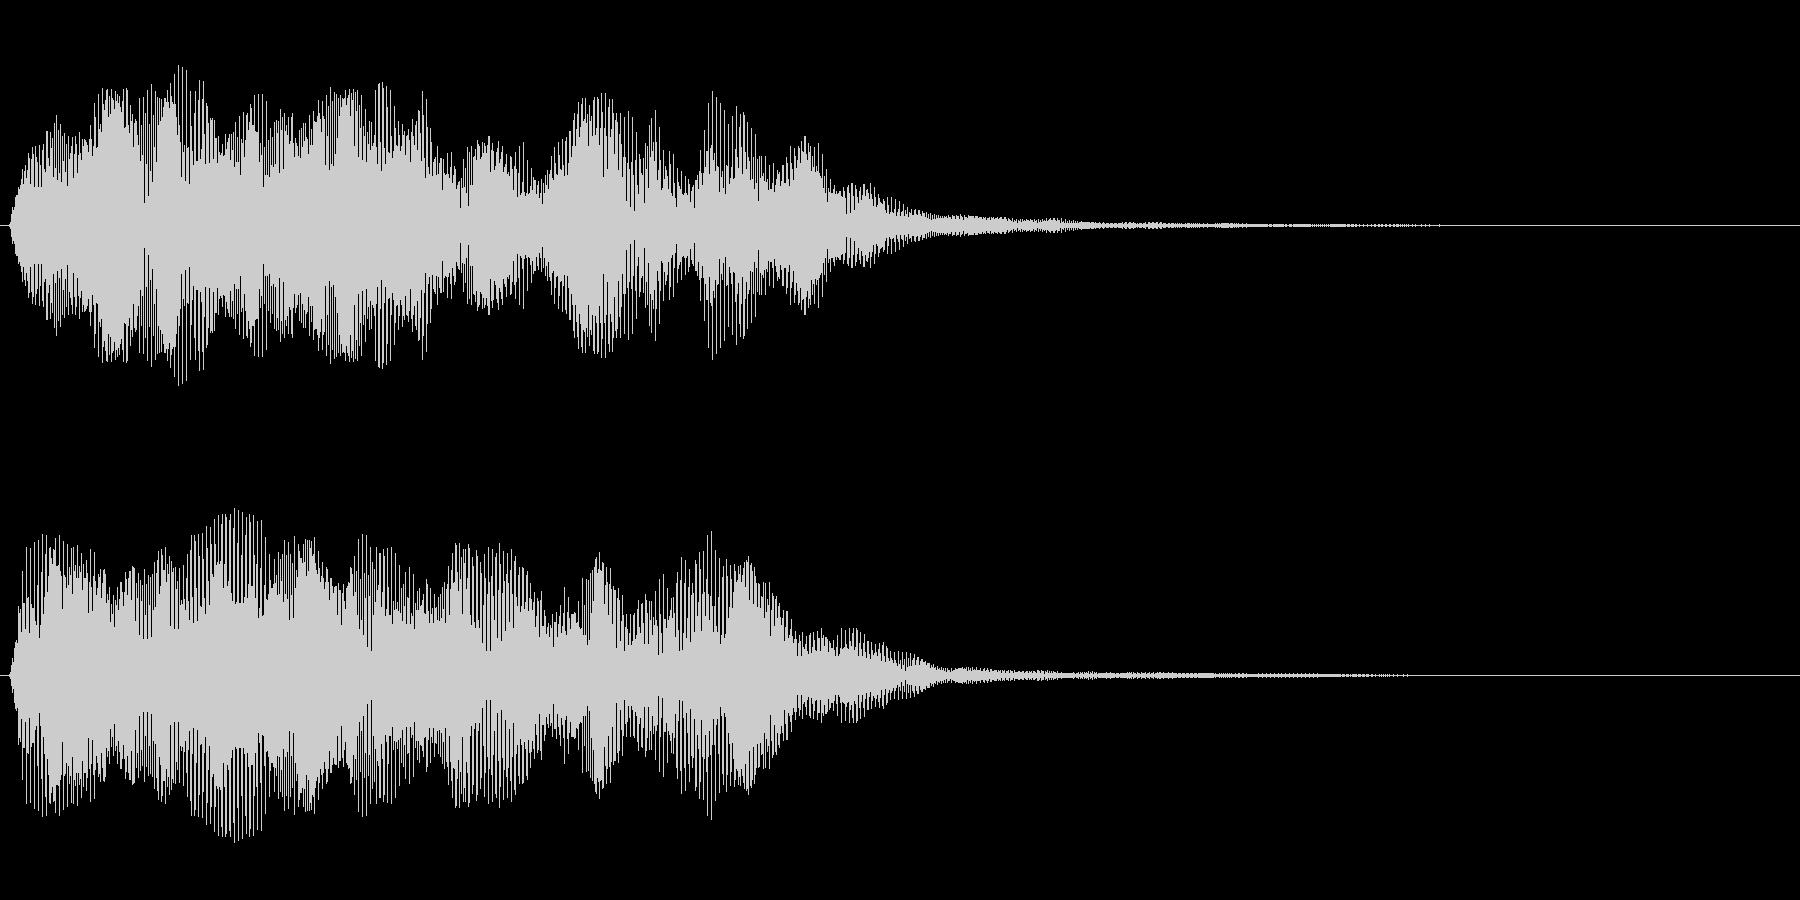 ボーという音をノイズで包んだような音の未再生の波形